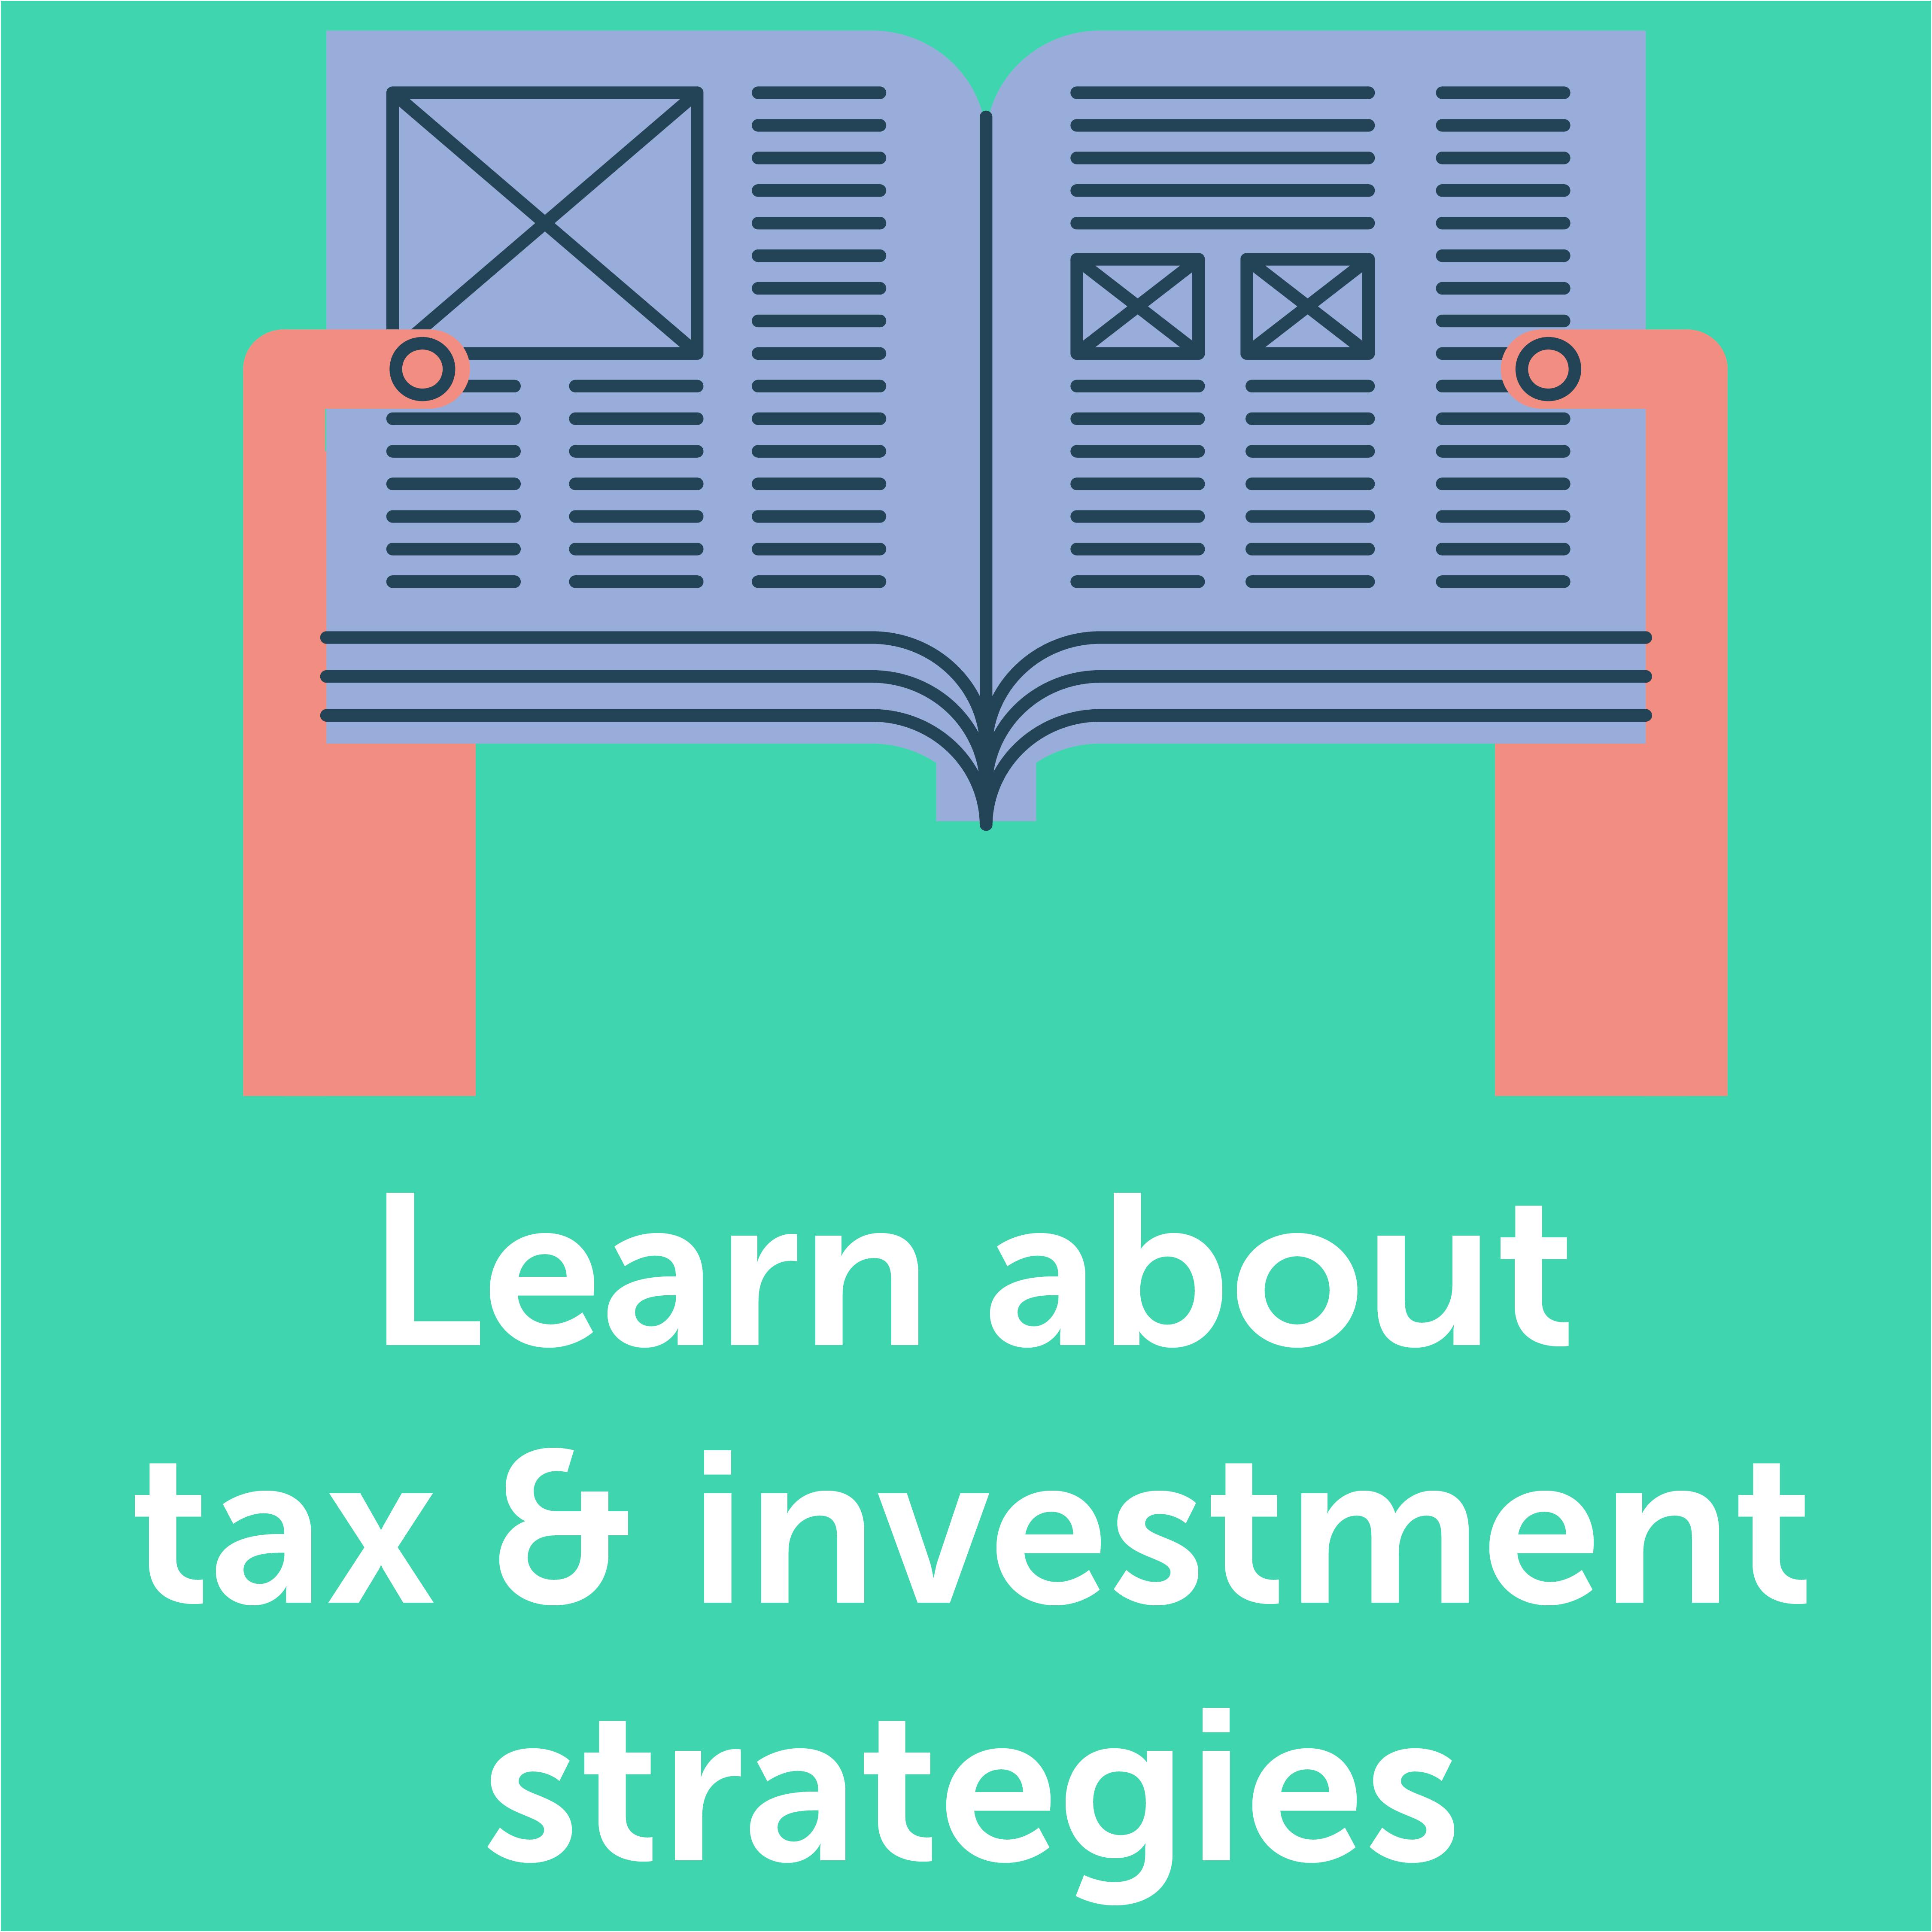 Tax & Investment Strategies